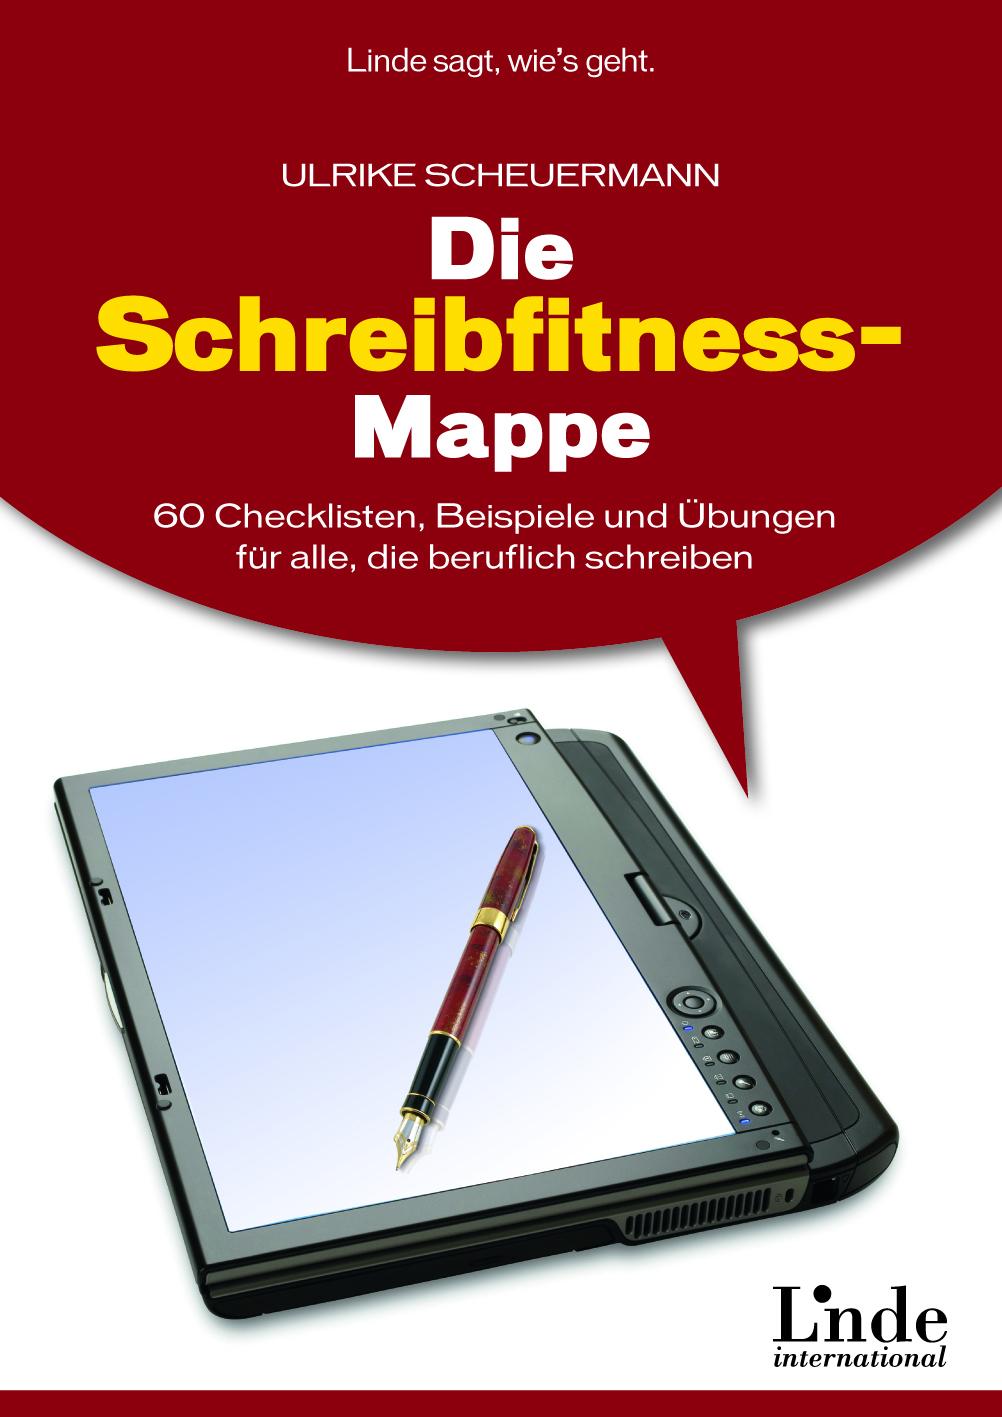 Schreibfitness-Mappe